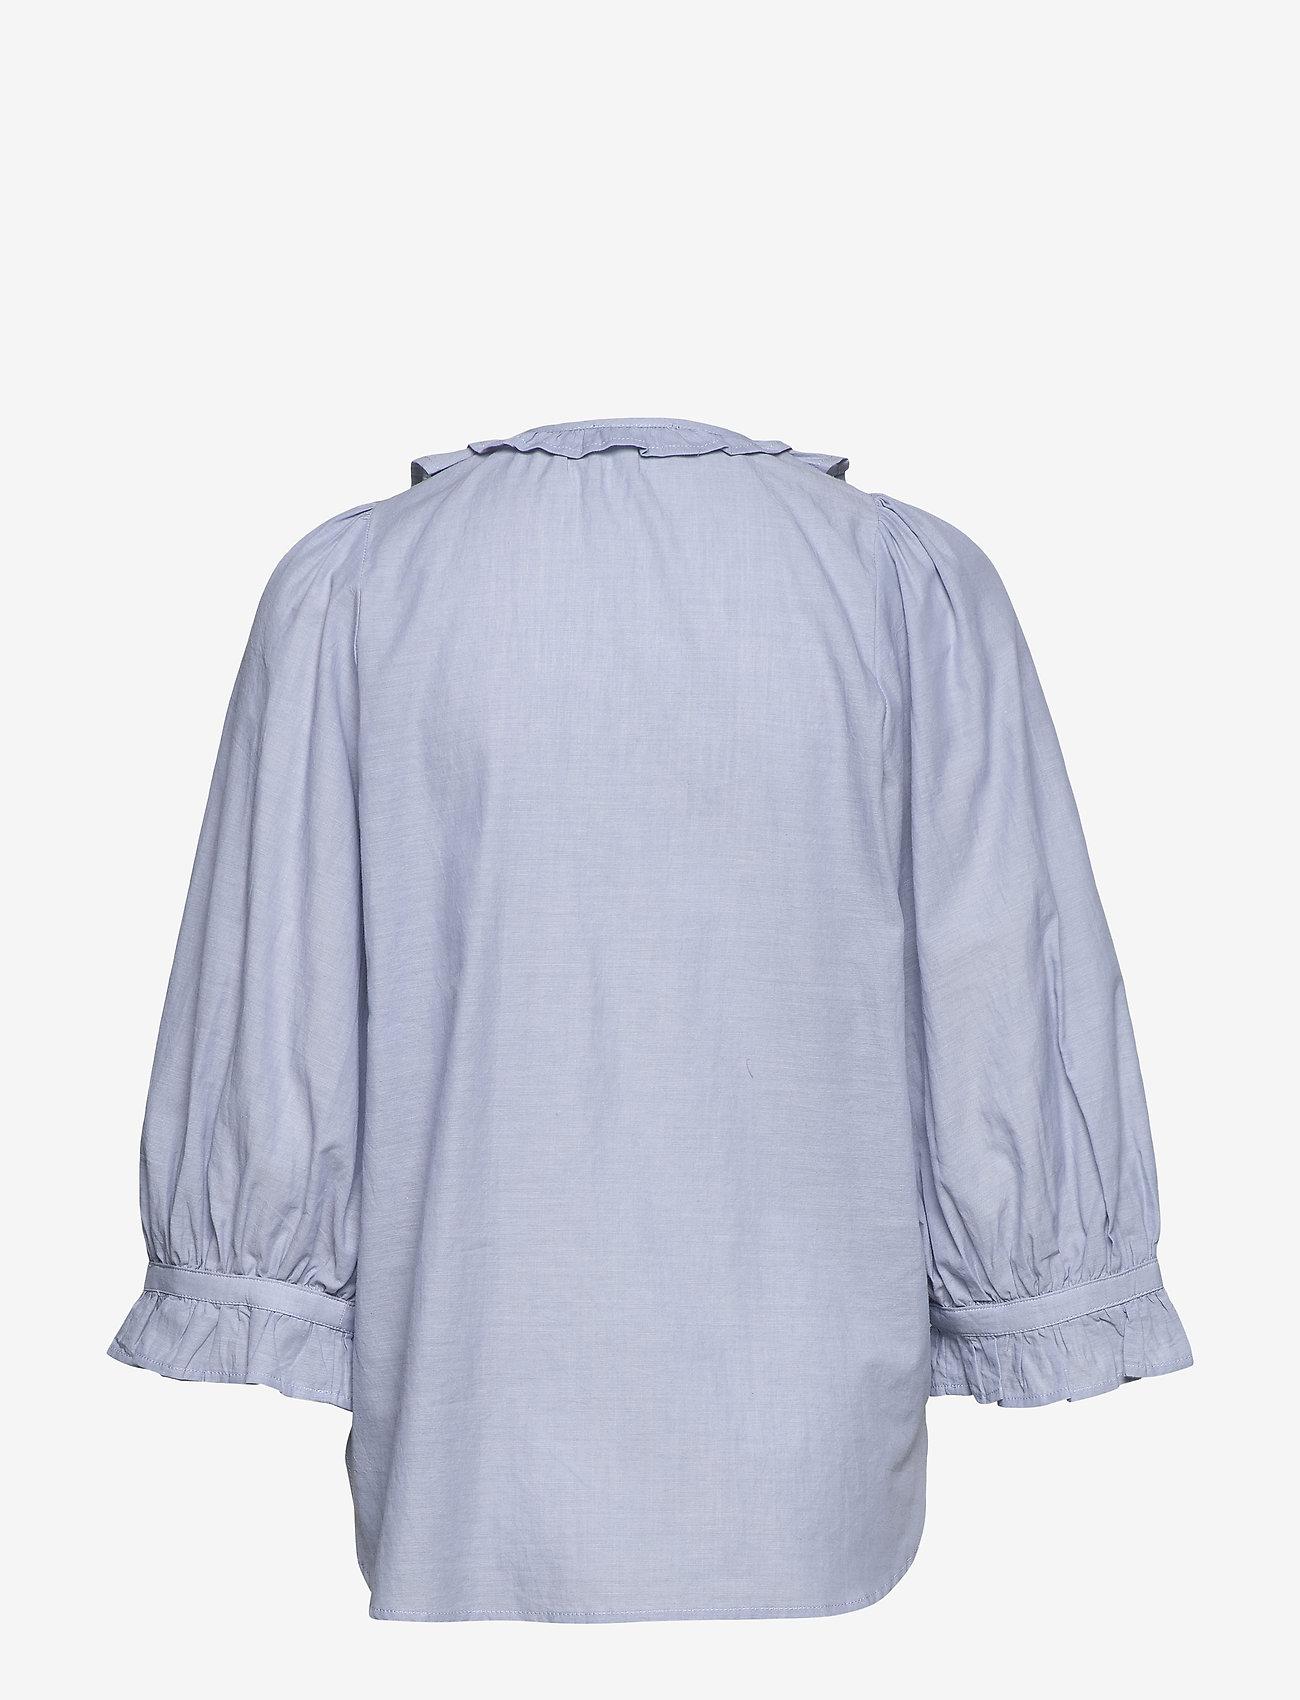 Stella Nova Tine - Blouses & Shirts